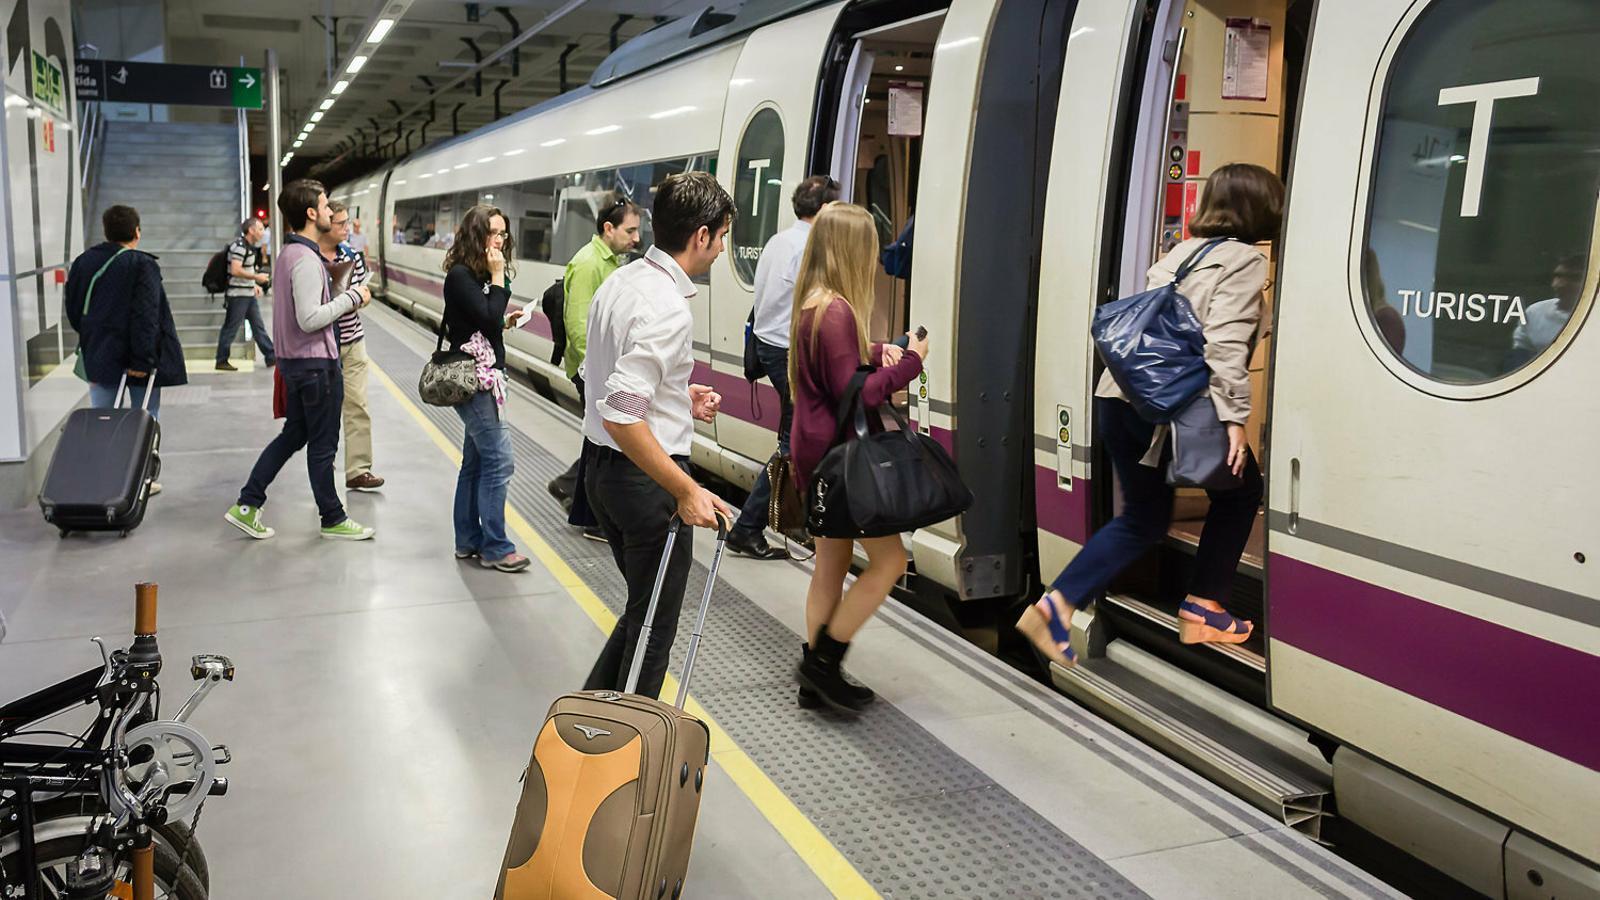 La línia Girona-Barcelona té   Tant d'èxit que no dona l'abast